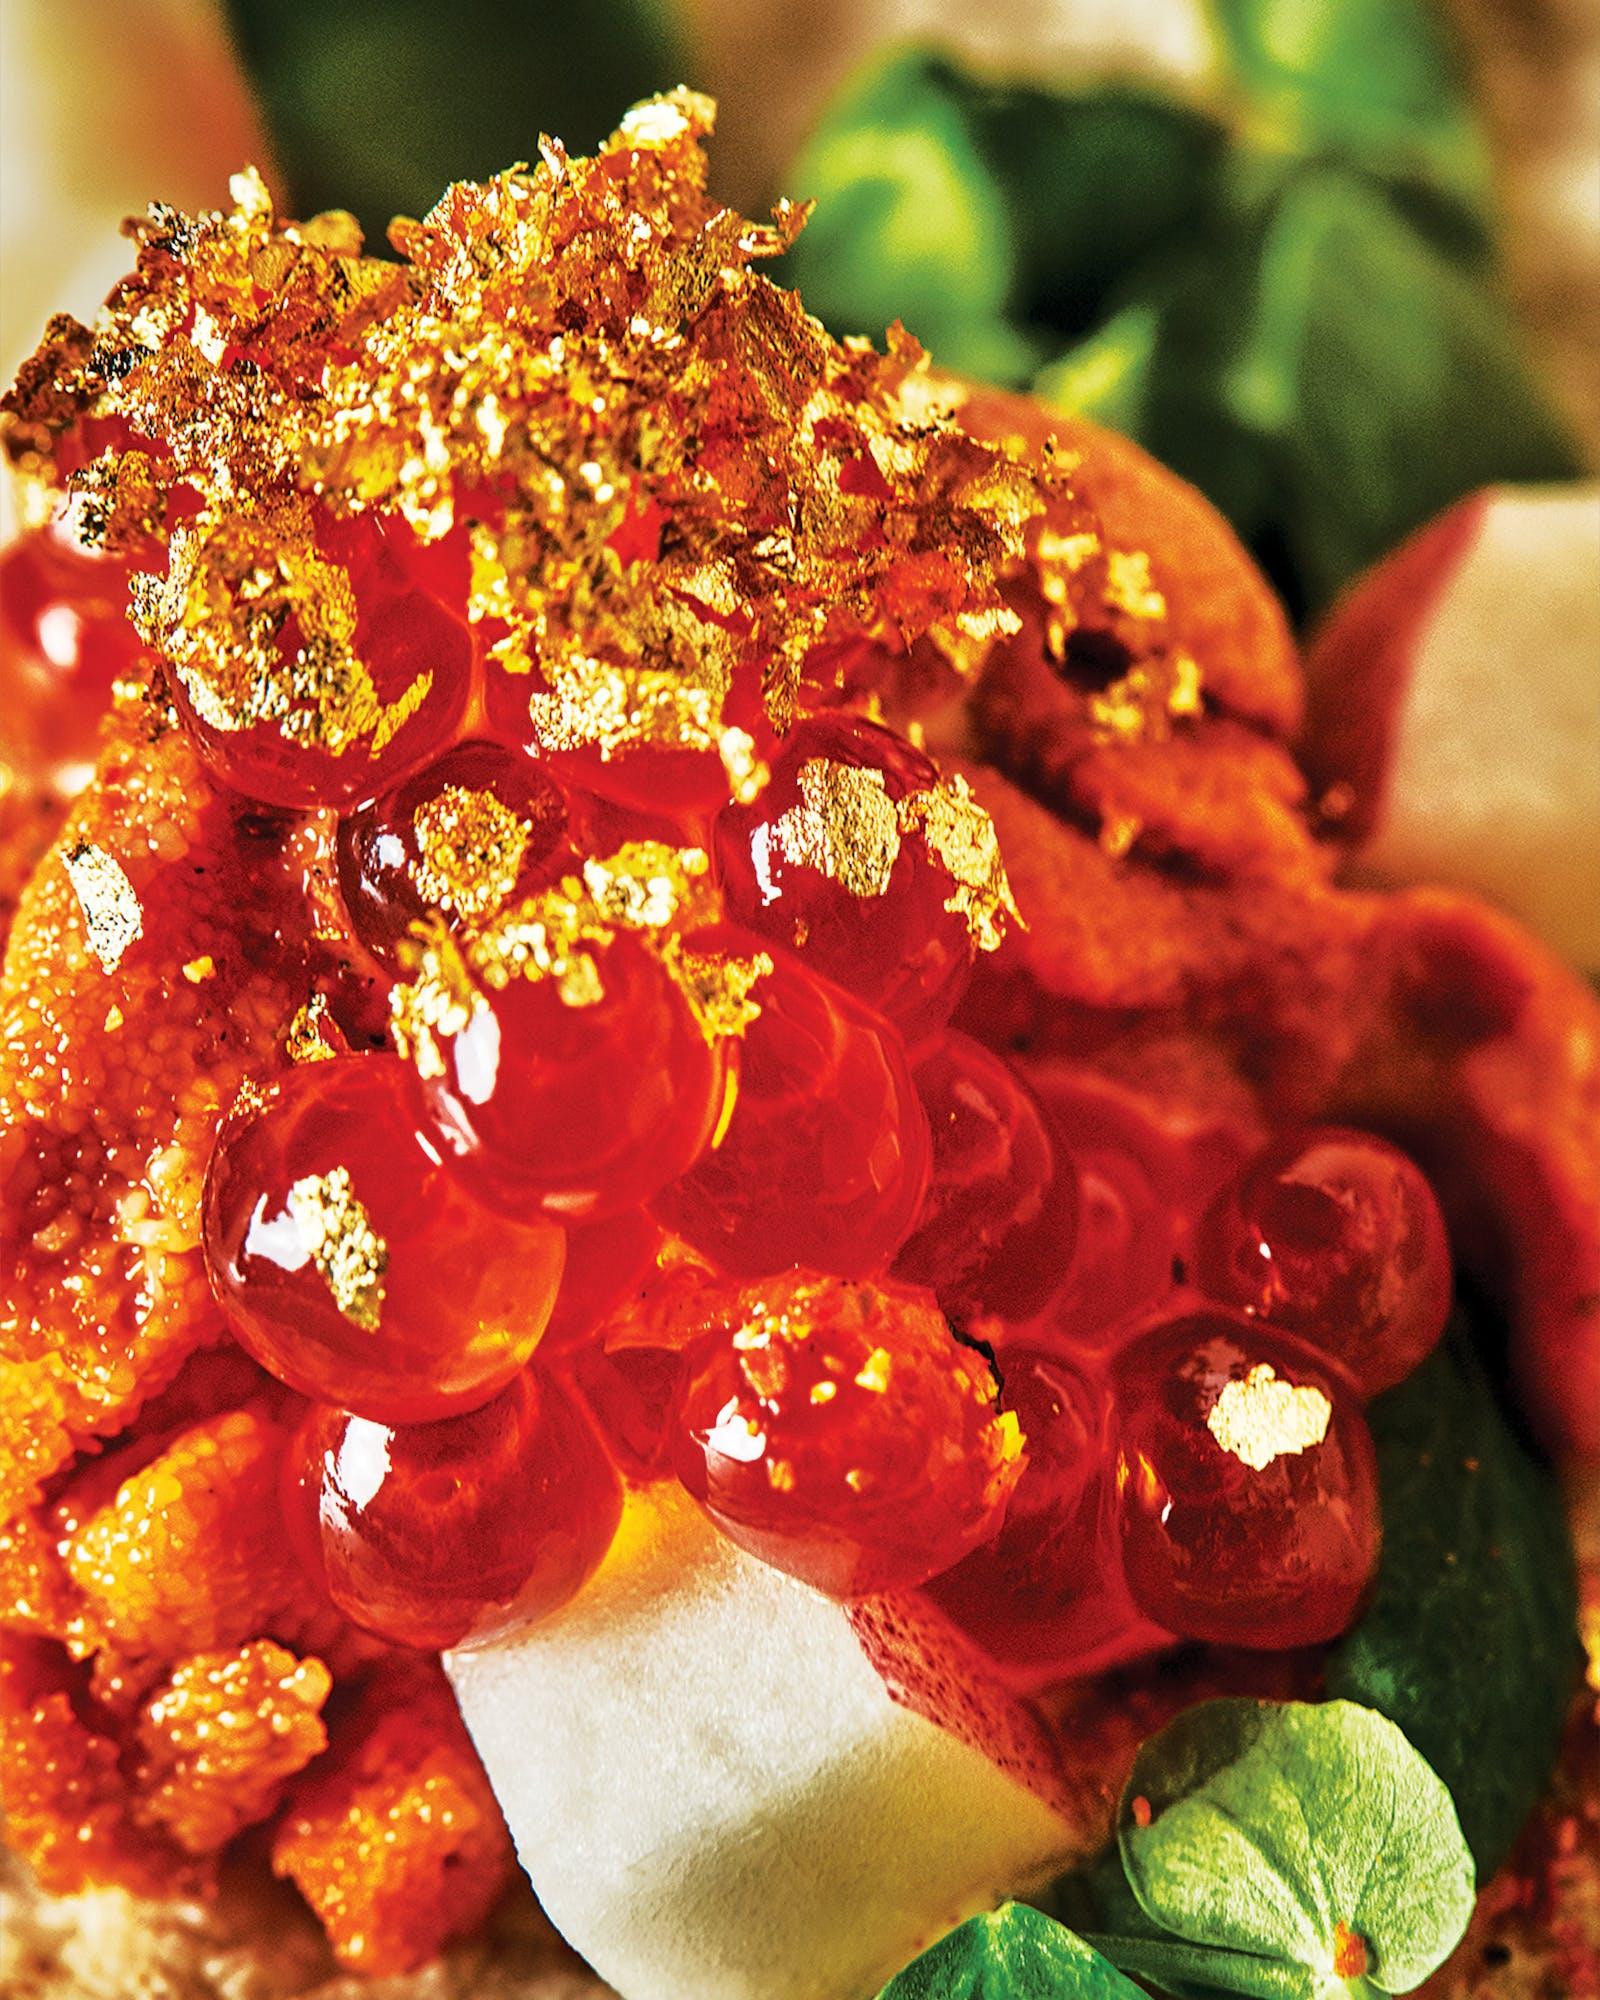 japanese-tacos-seaurchin-taco